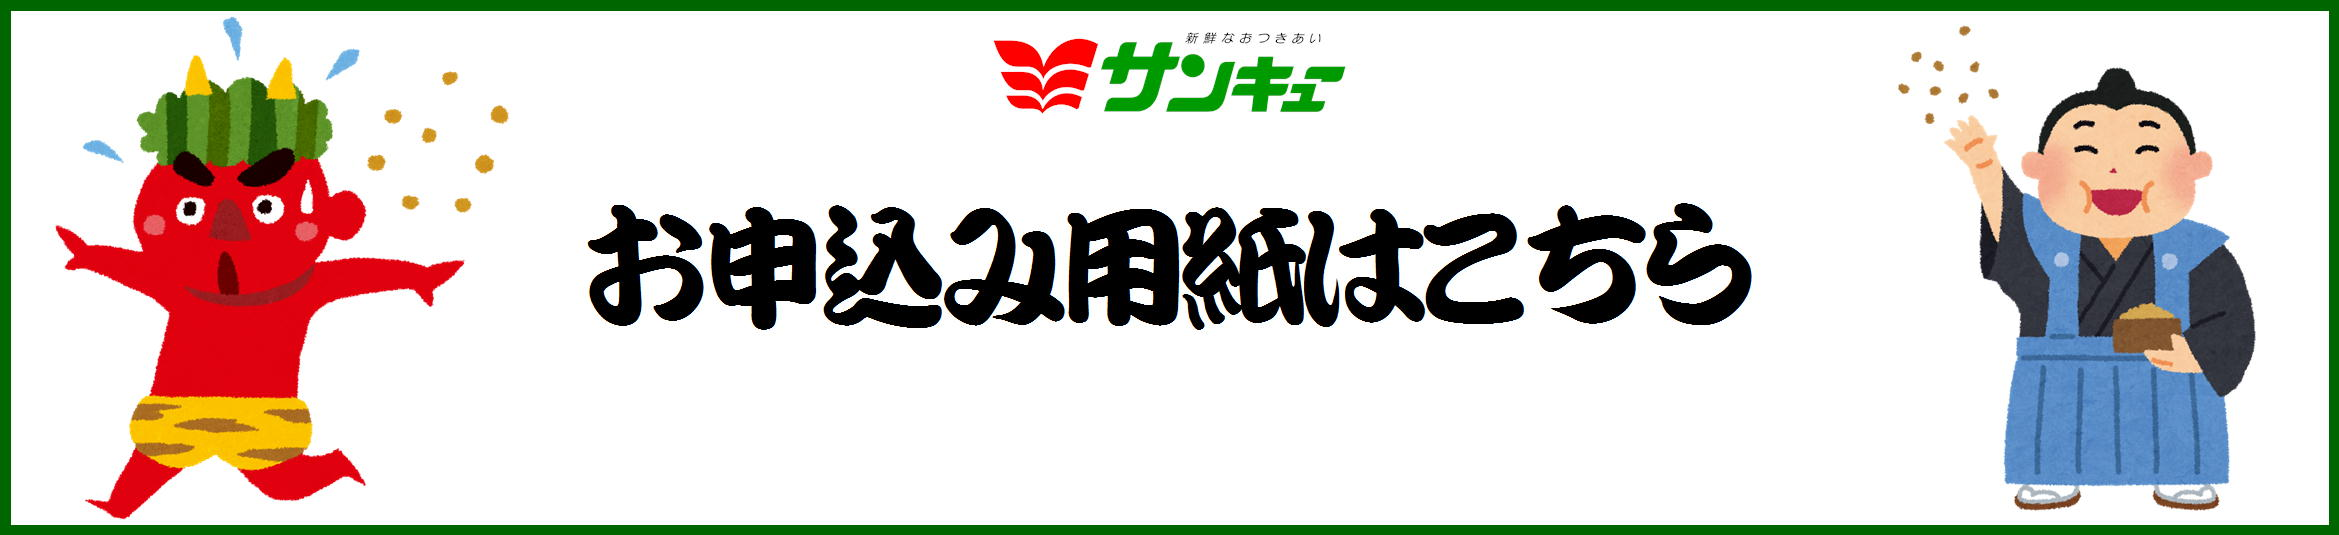 2018ehoumaki-end